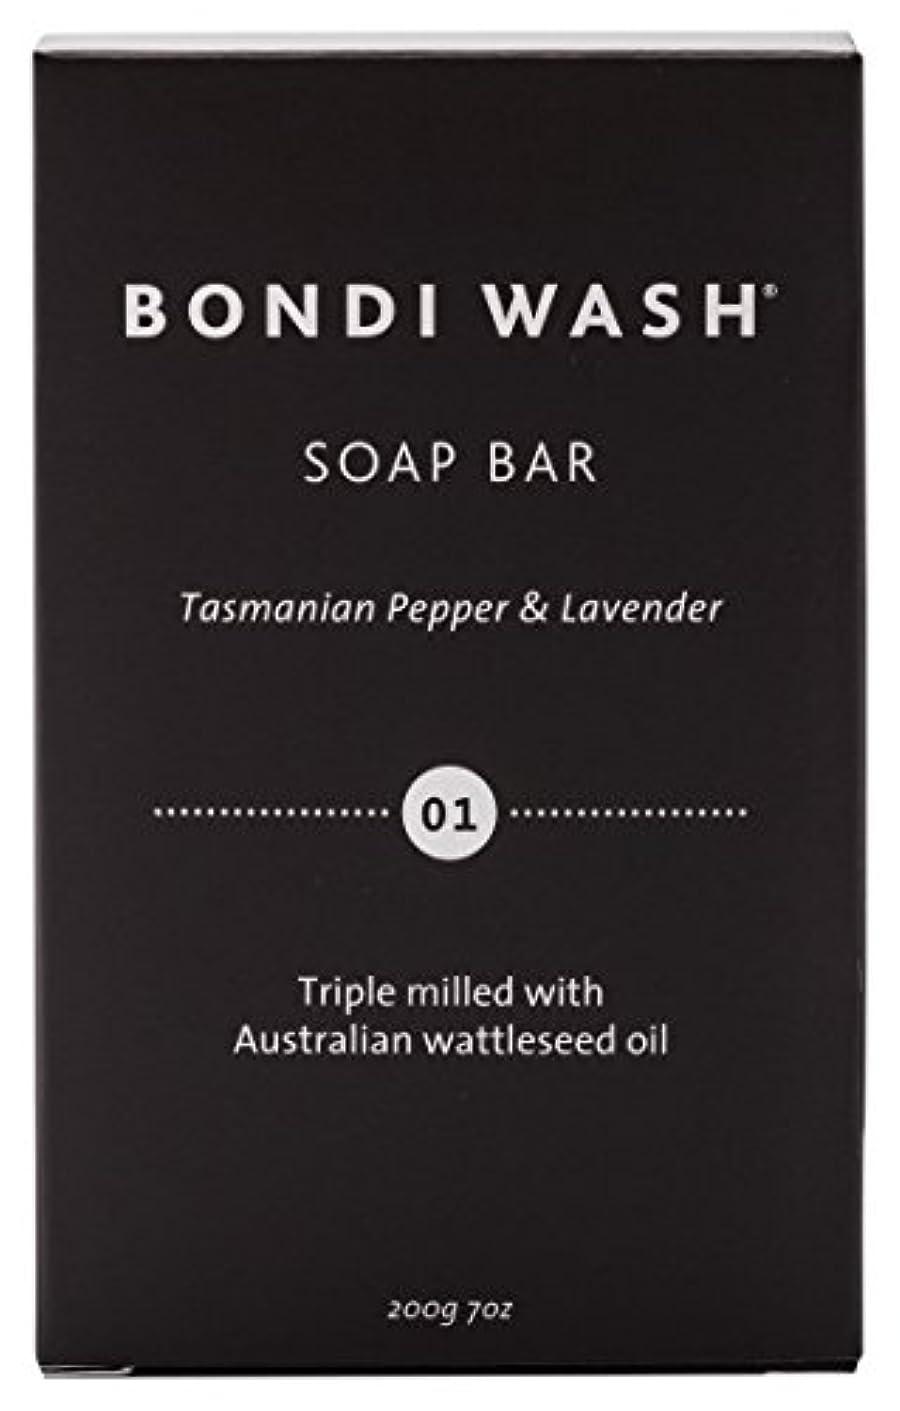 皮肉なコンテスト美しいBONDI WASH ソープバー(固形石鹸) タスマニアンペッパー&ラベンダー 200g